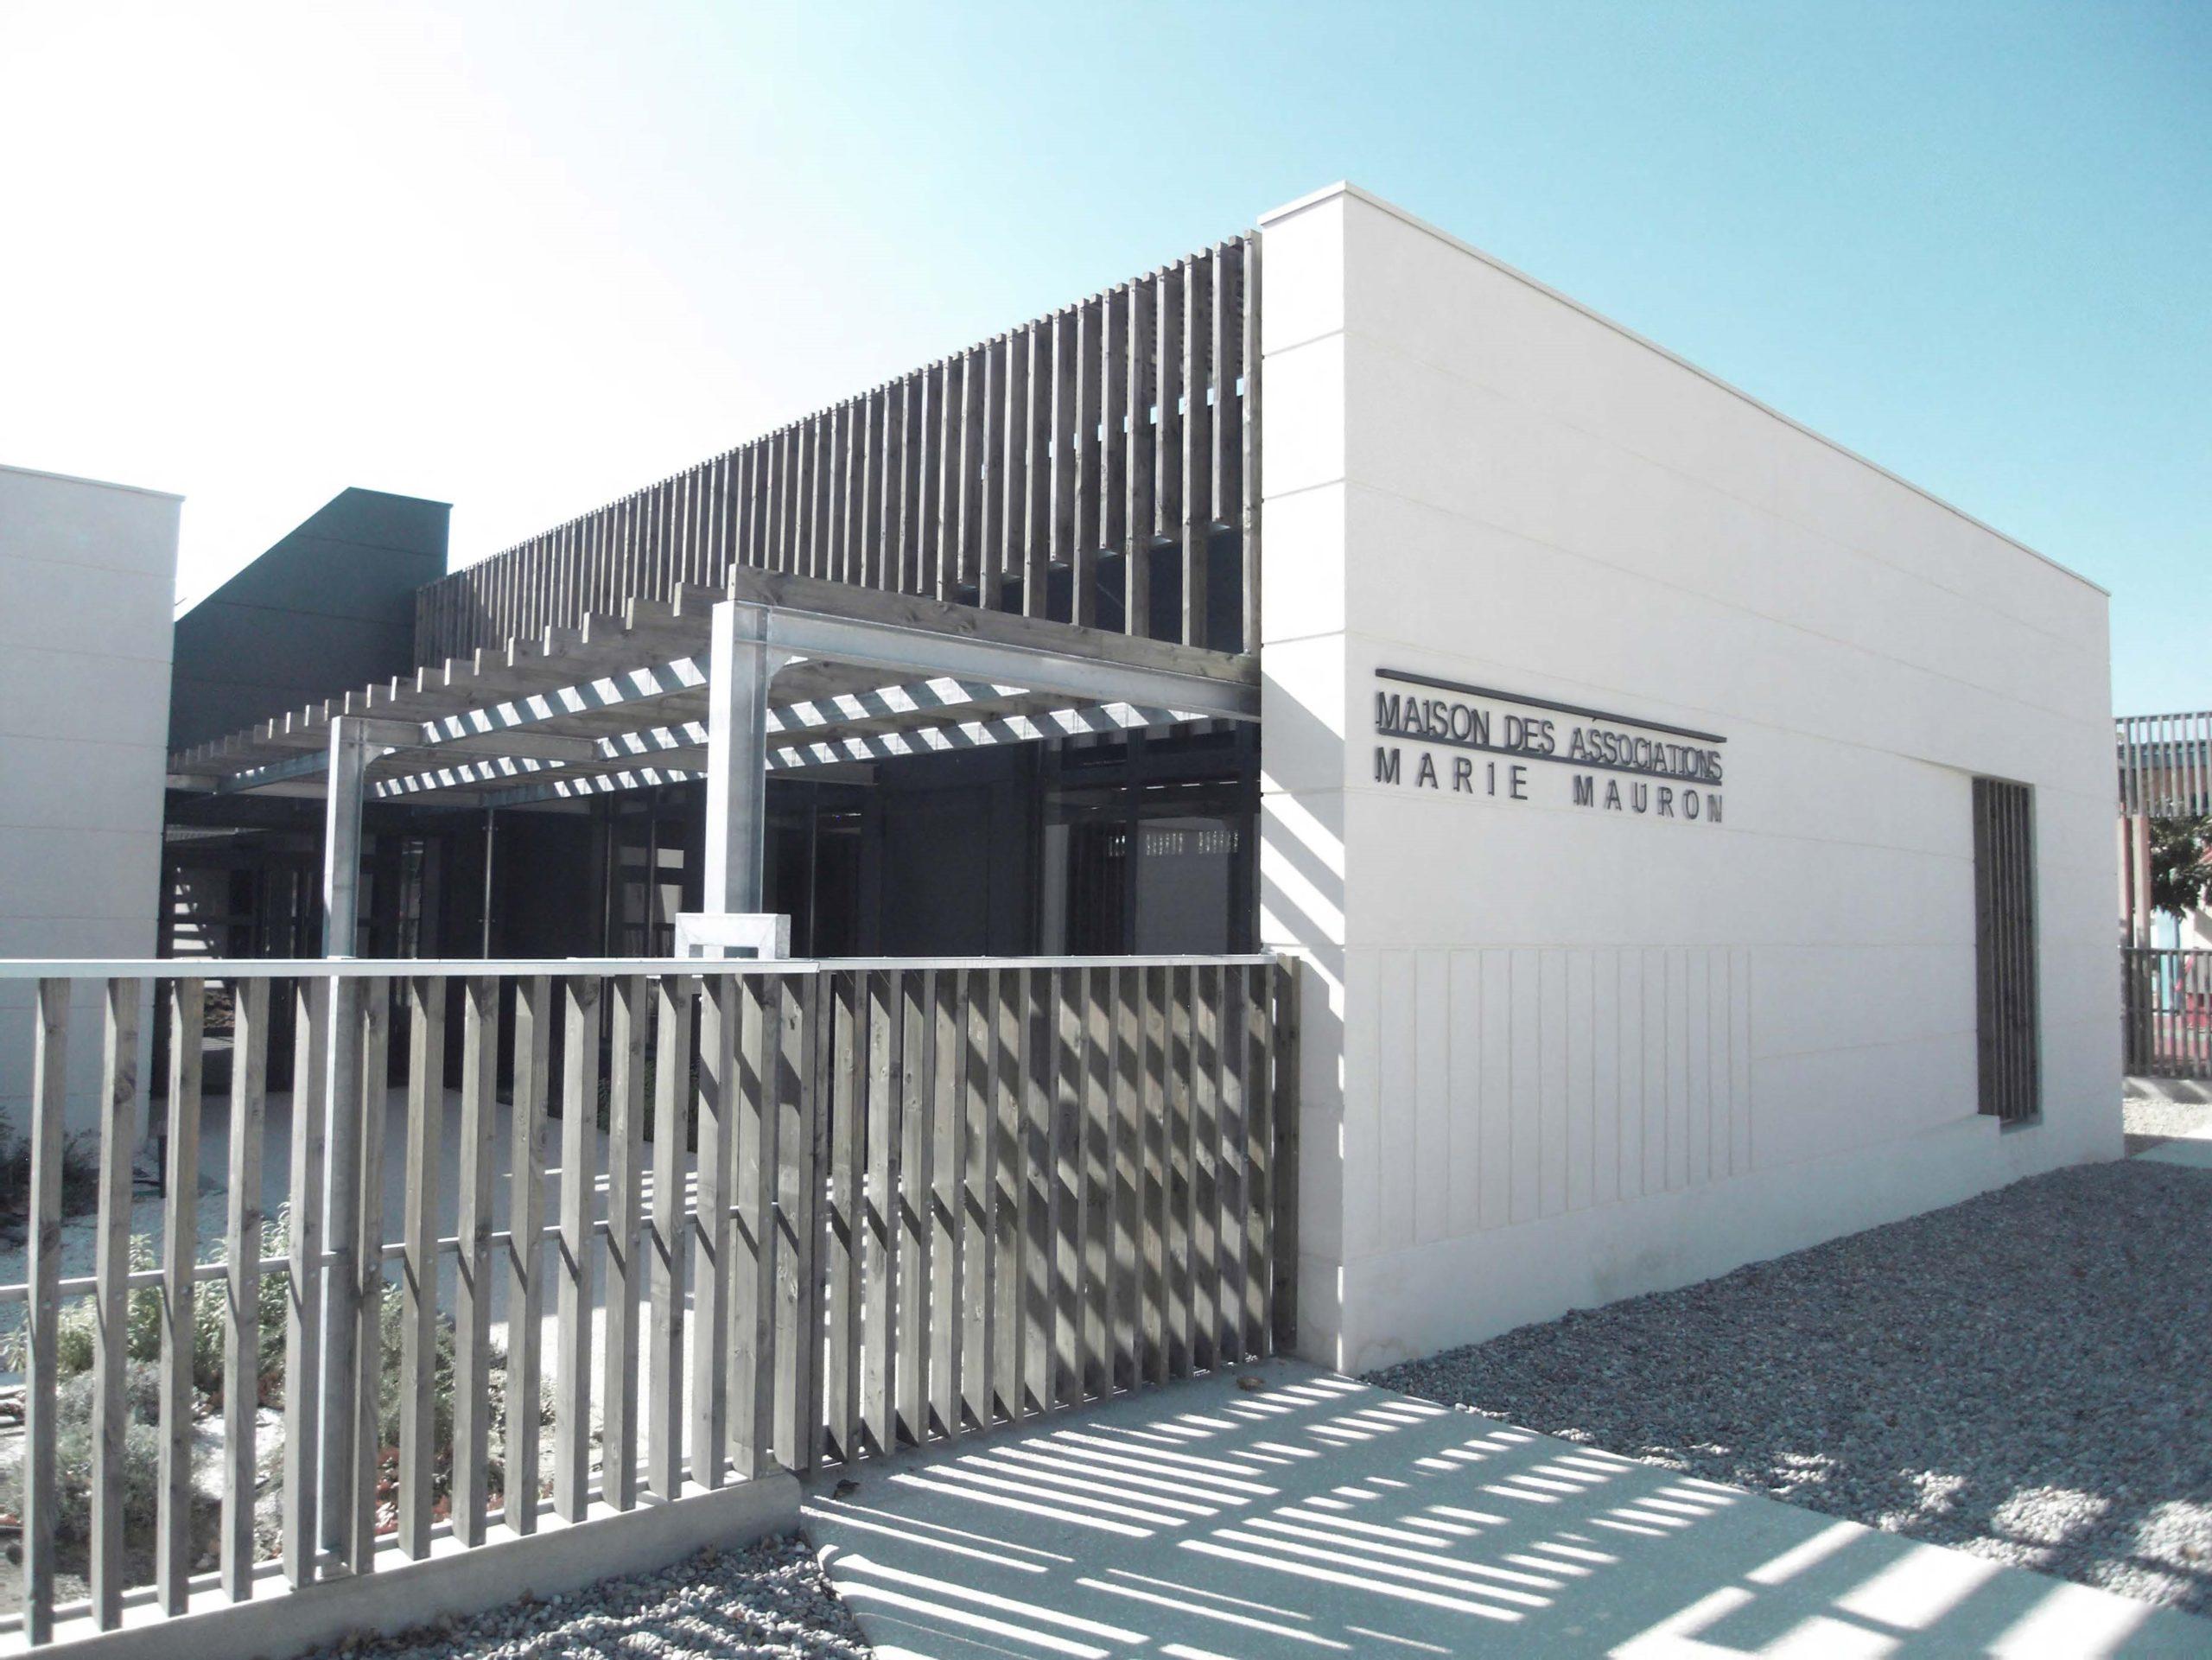 Maison des Associations Fontvieille Brise Soleil et Pergola en Bois et Metal galvanise